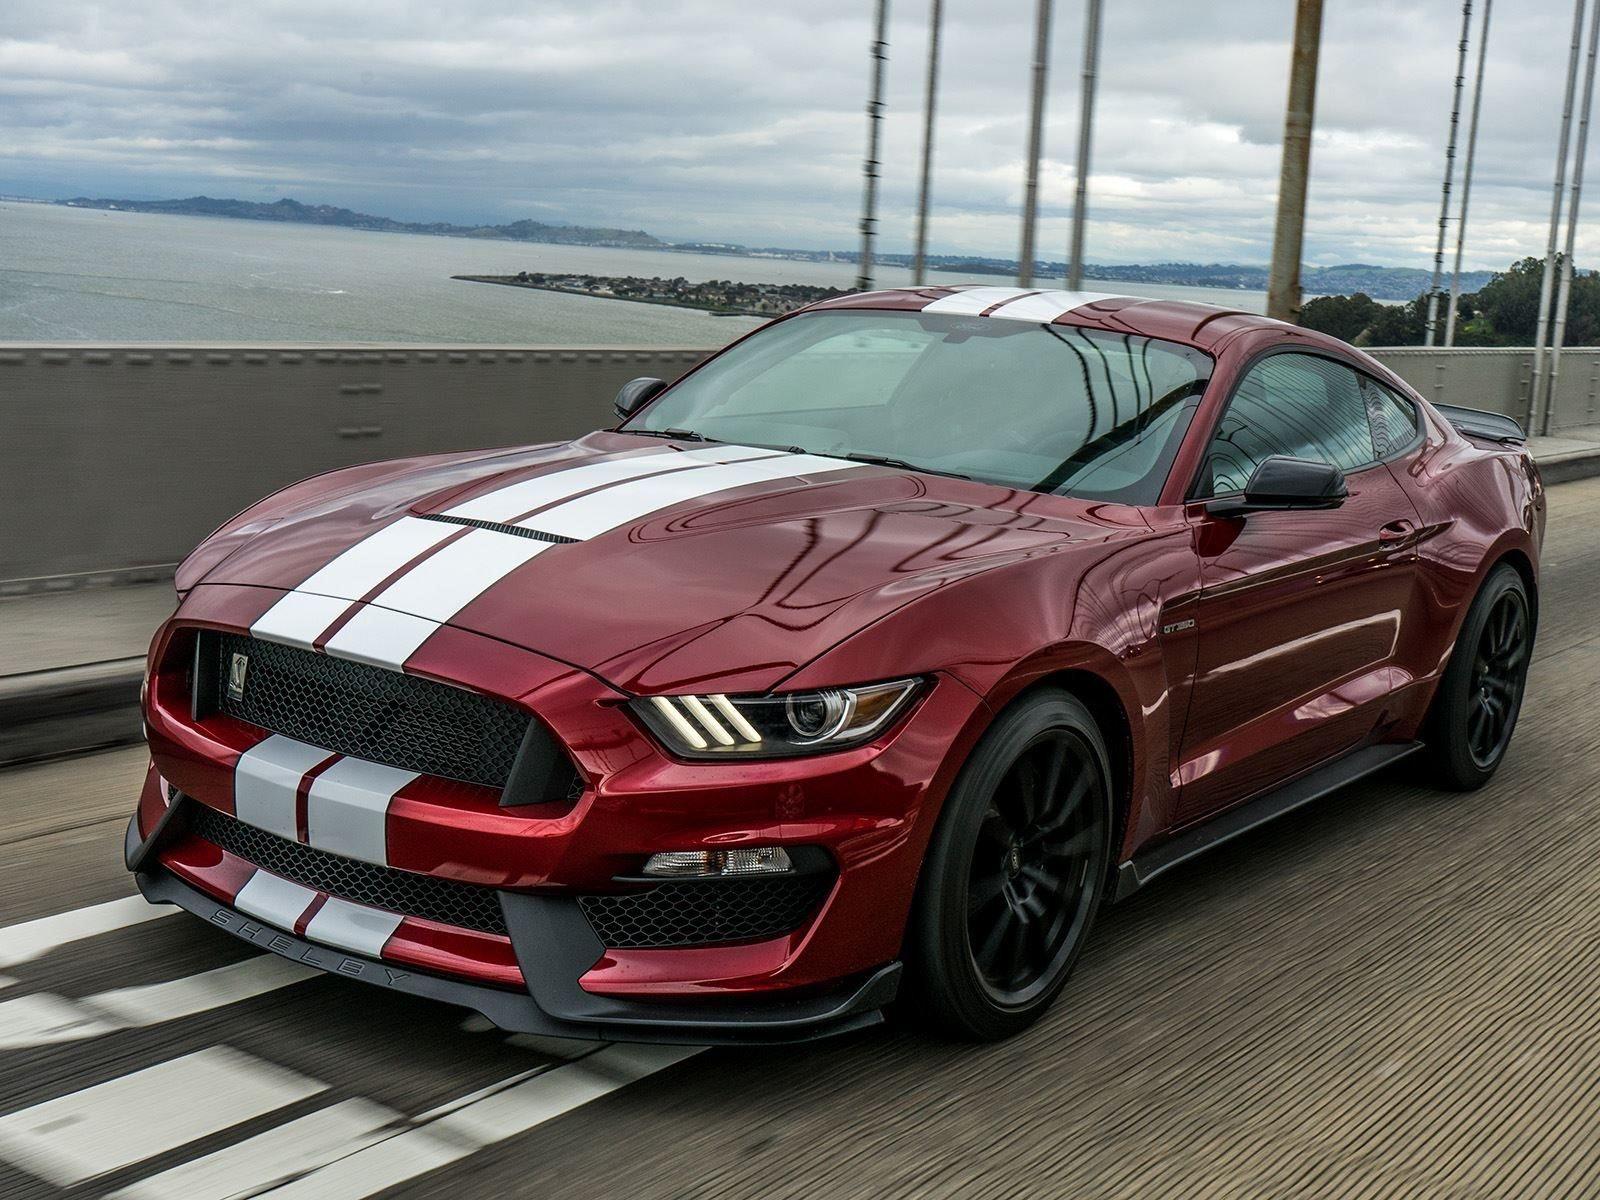 Ford уже подтвердил, что новый Mustang получит 700-сильный 5-литровый V8 с турбонаддувом, способным разогнать автомобиль более чем до 320 км/ч. Пока что немного известно о трансмиссии, хотя по слухам он может получить новую 10-ступенчатую автоматичес